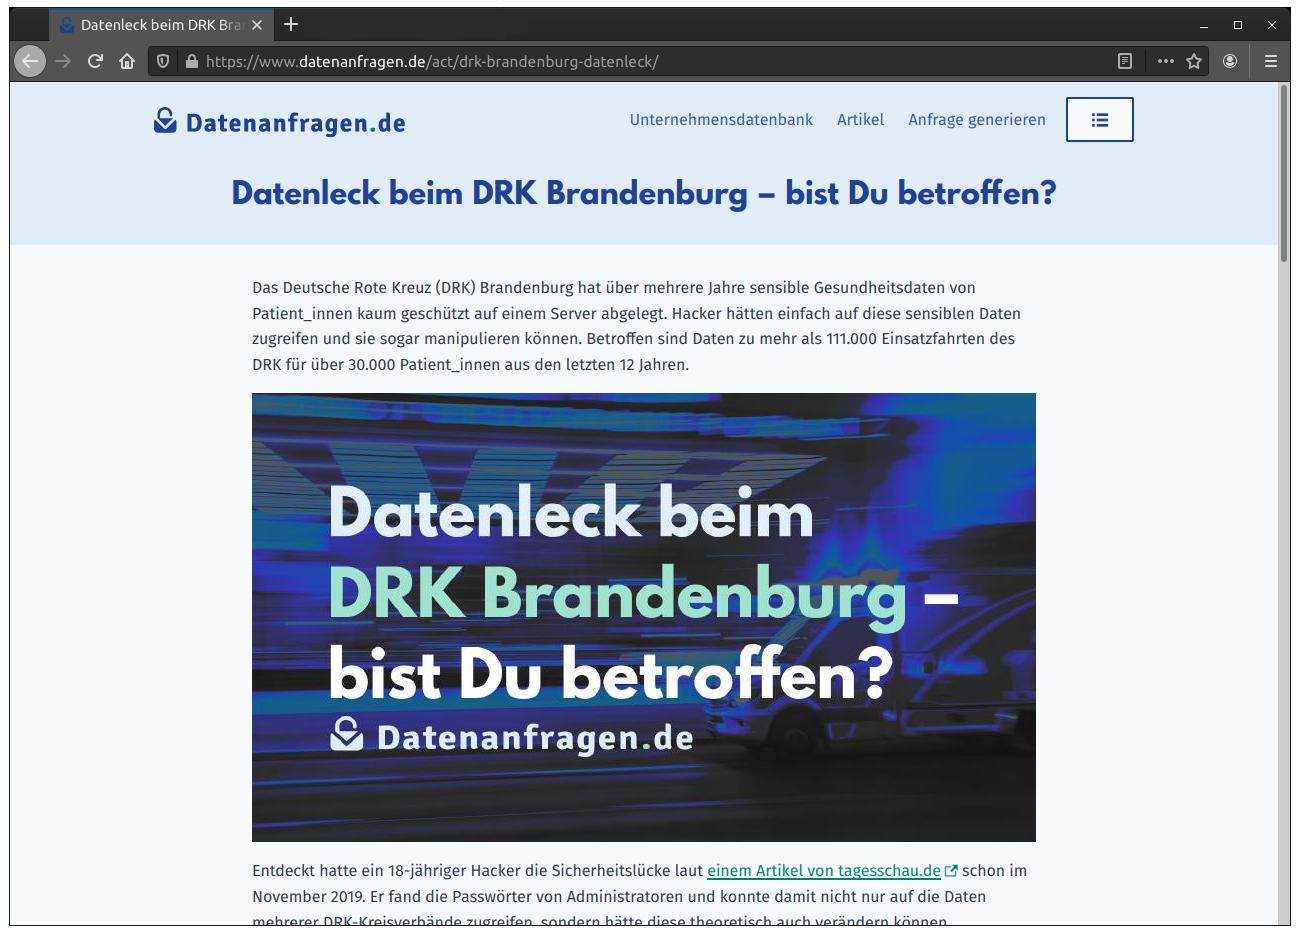 Mit einer Act-Seite informieren wir Betroffene eines Datenlecks beim DRK Brandenburg